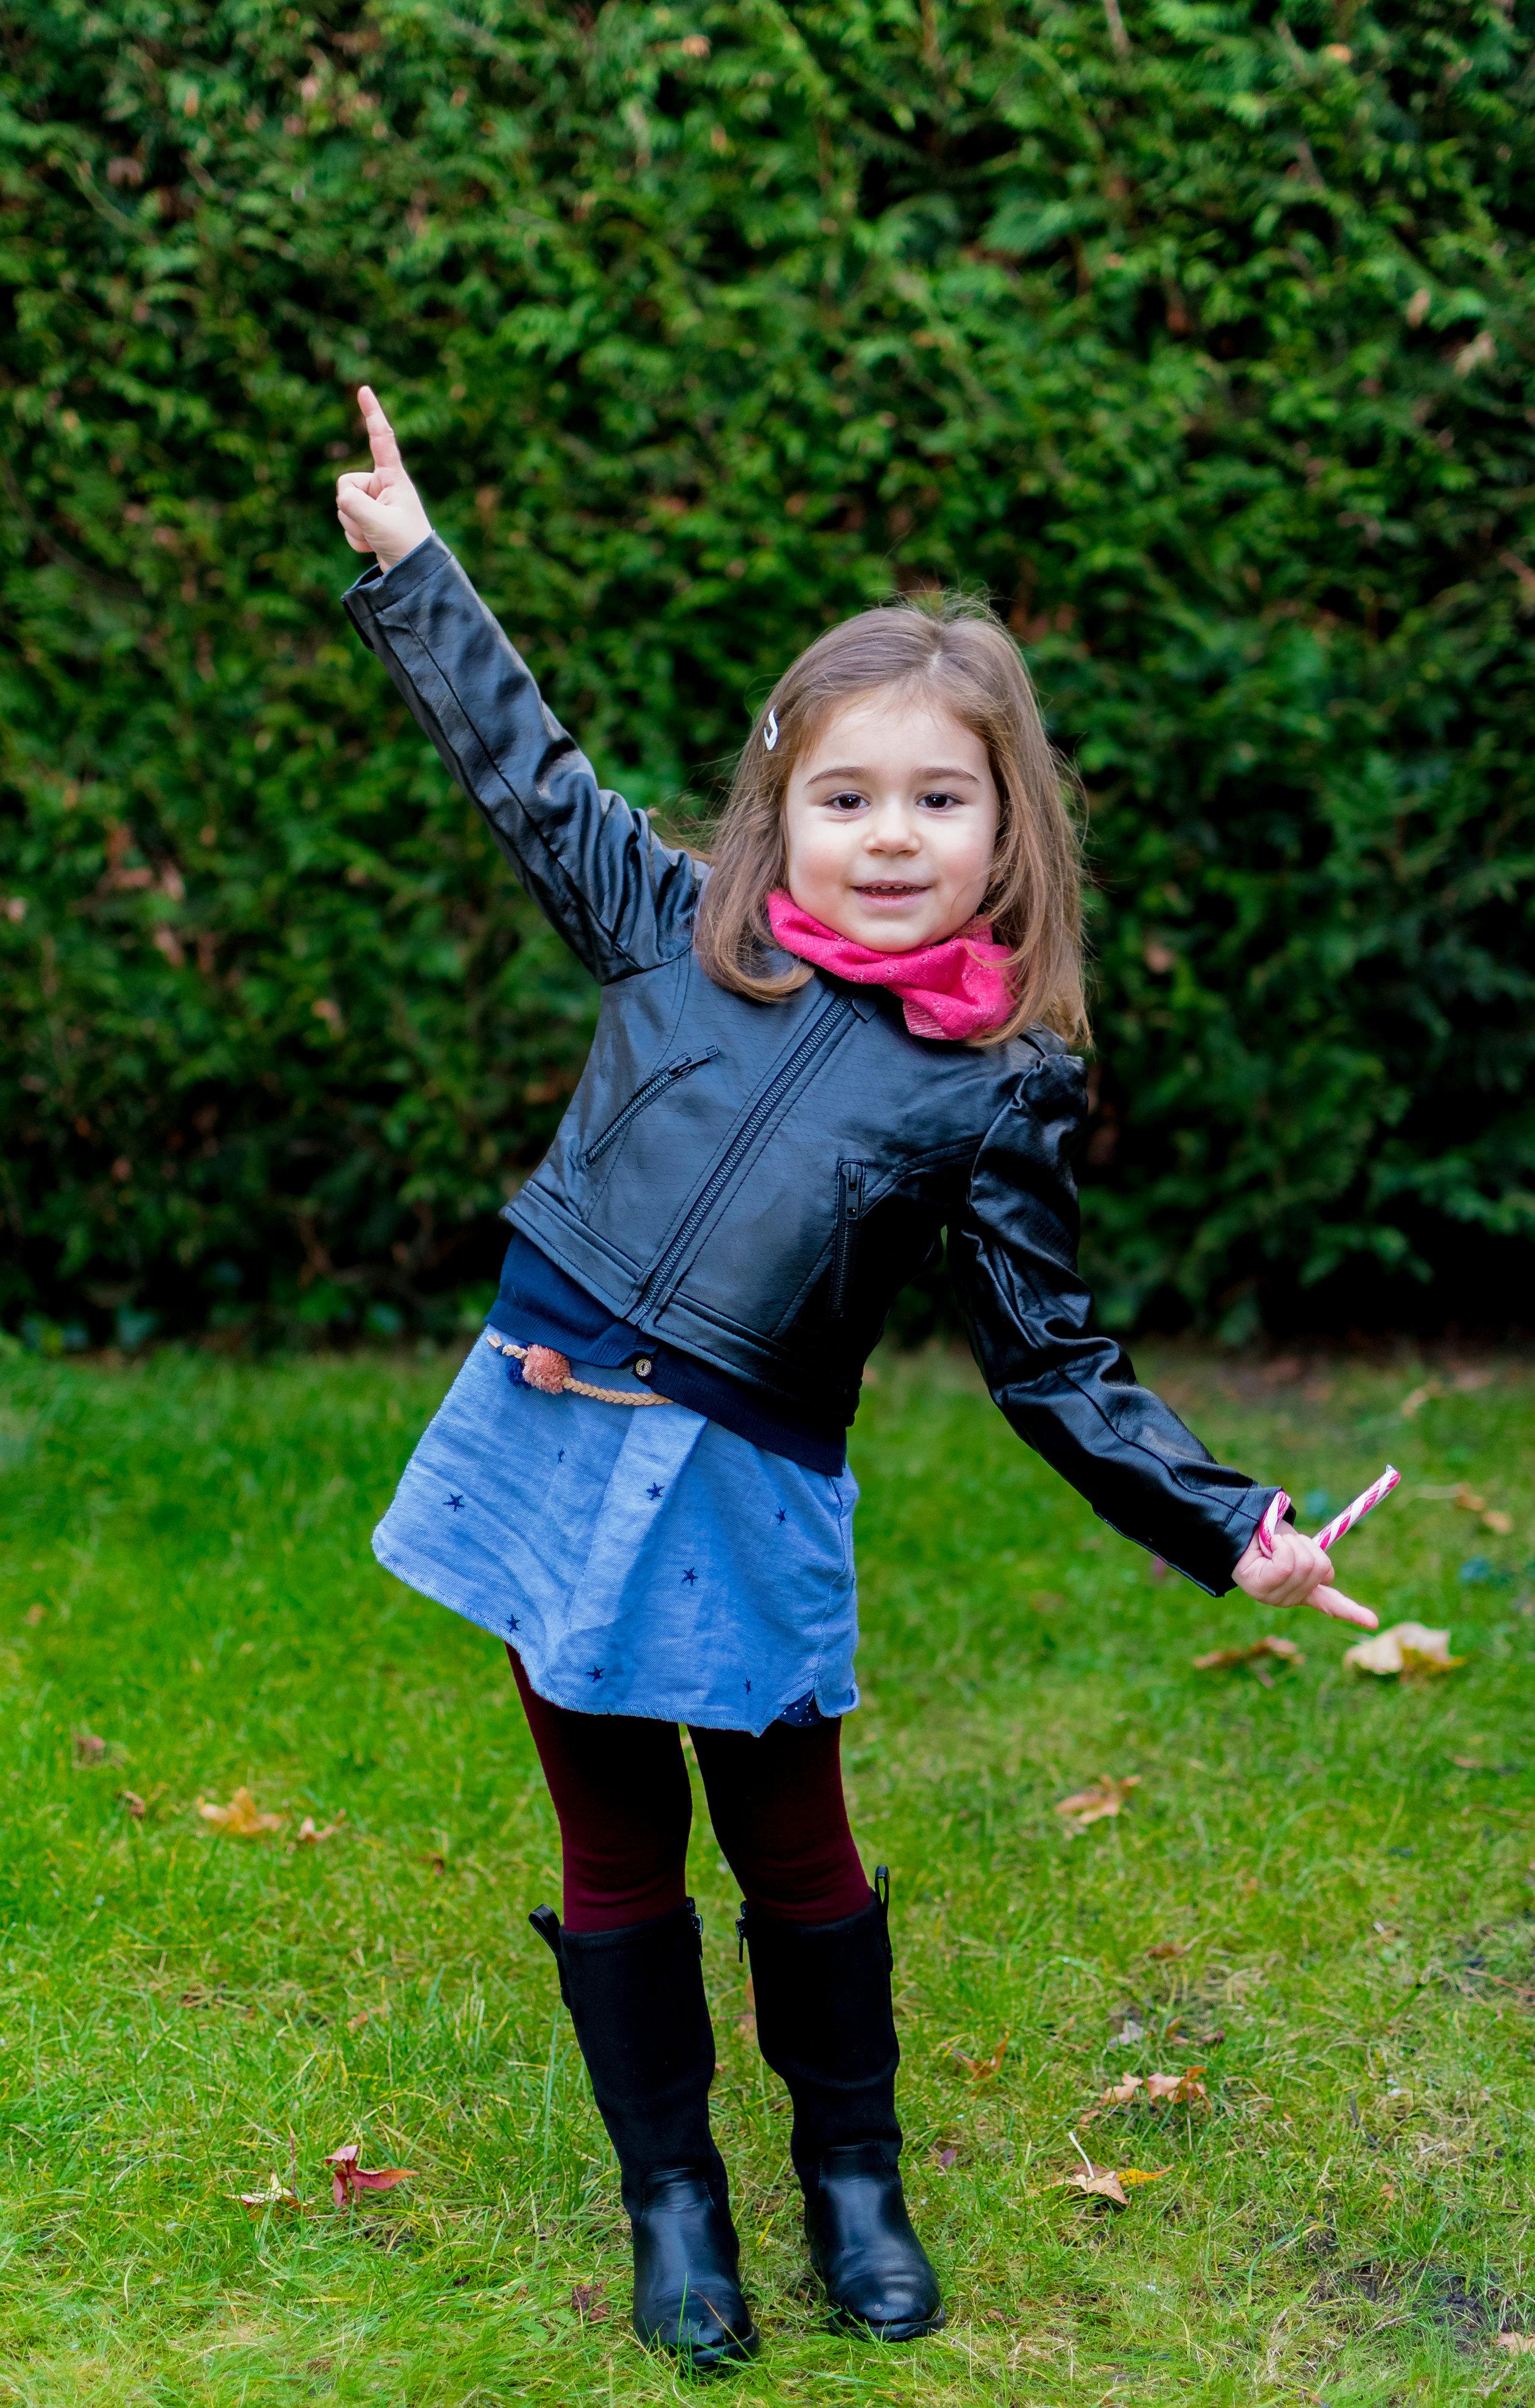 ©-Sam-Tang-Photography-Belgium-Fotograaf-Mechelen-Vilvoorde-Limburg-JesJean-10.jpg